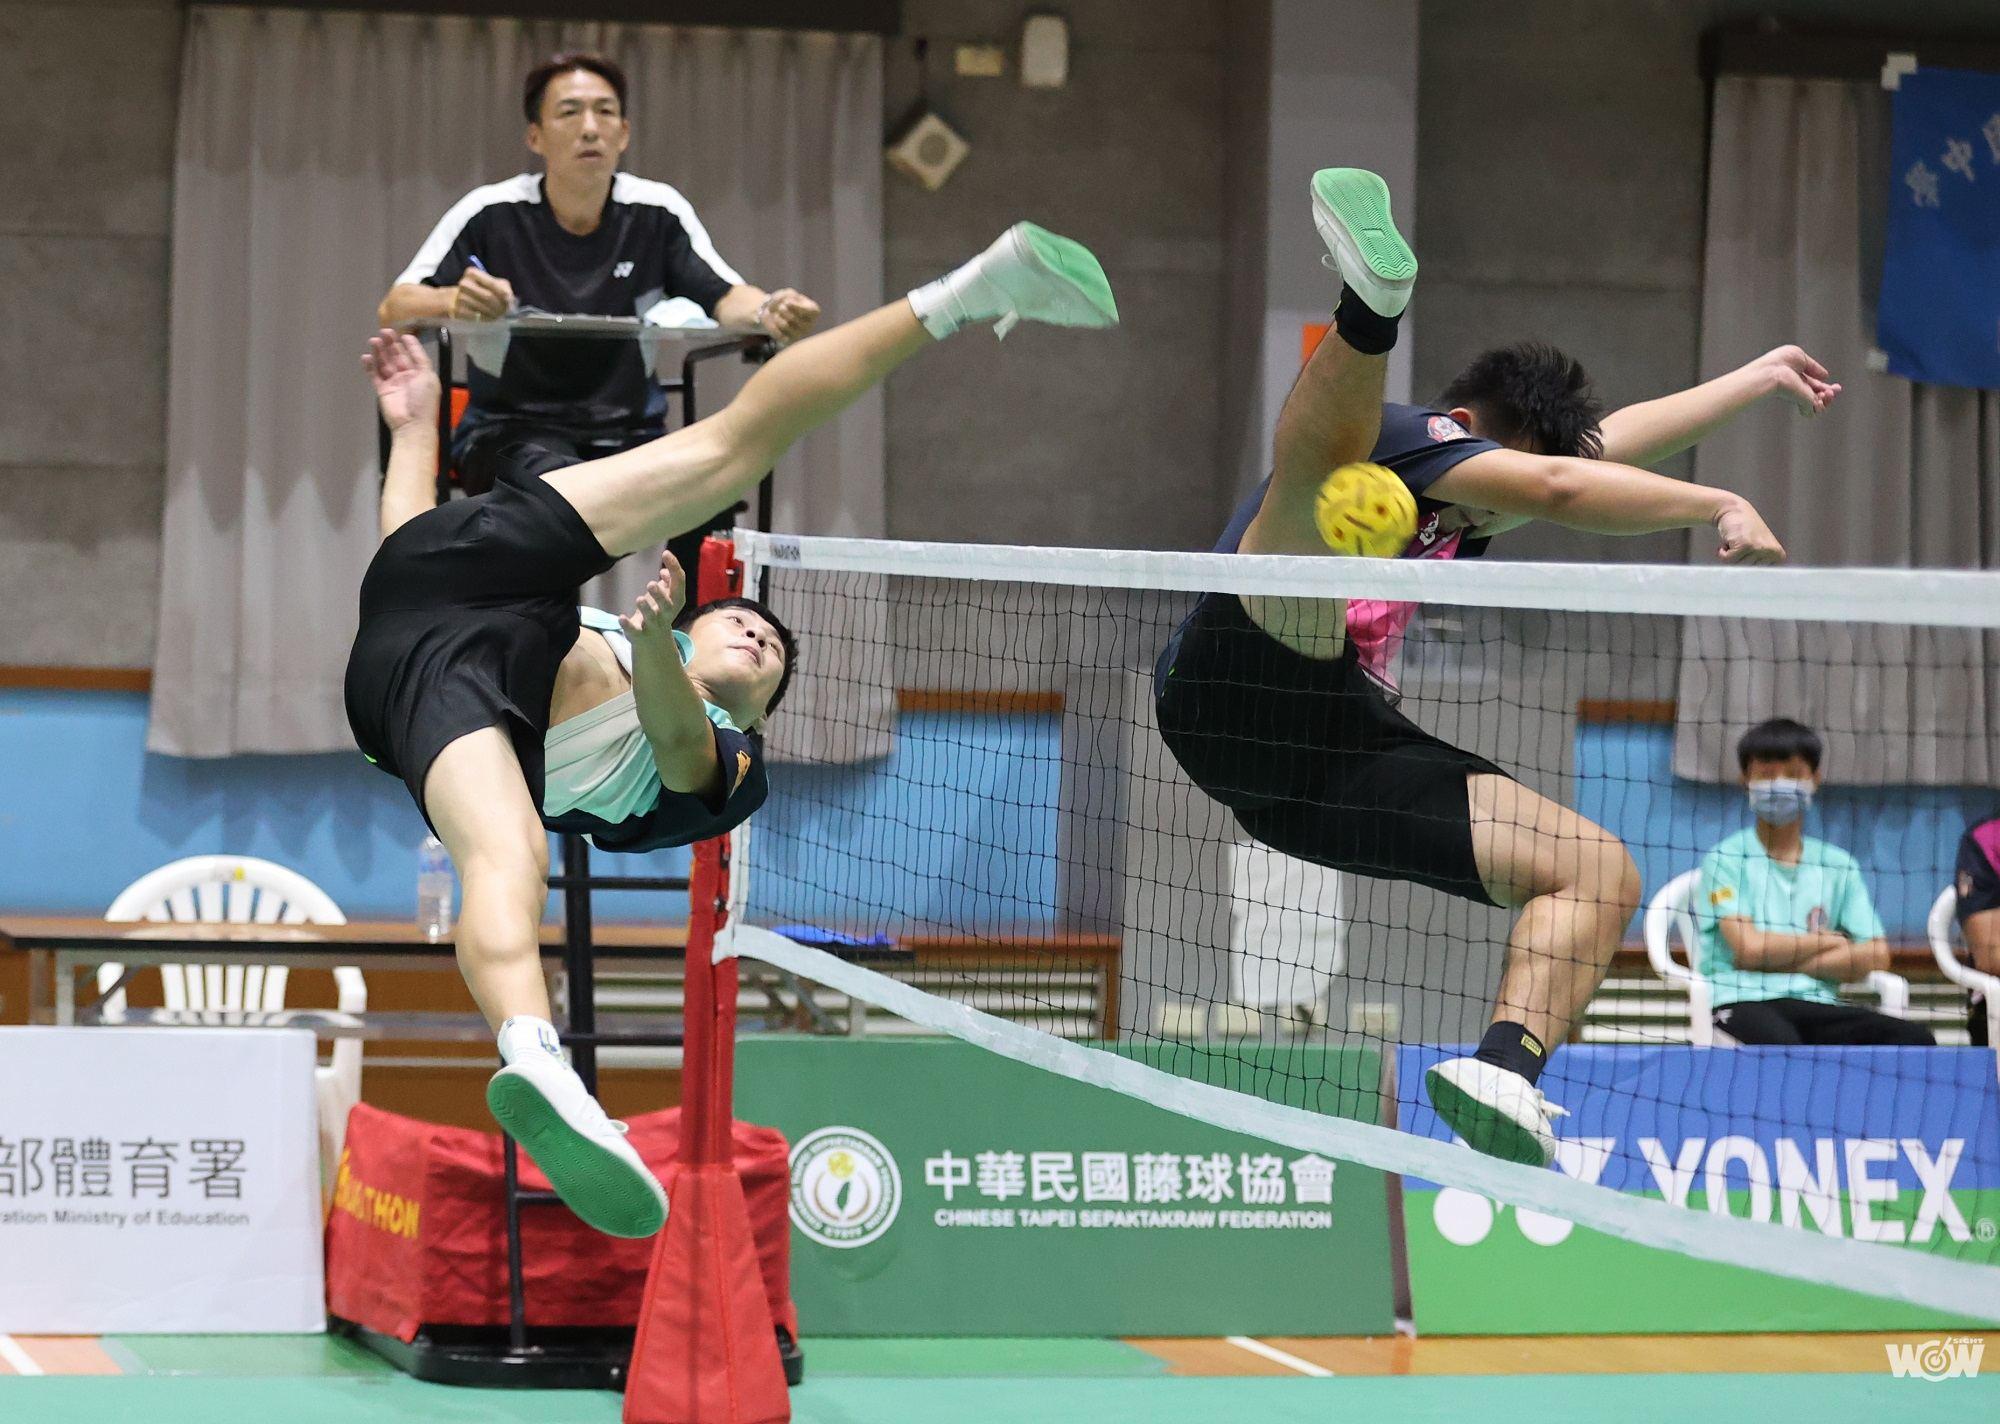 《藤球》青少年雙人賽開打 高中組由佳冬高農稱霸 士林國中橫掃國中組